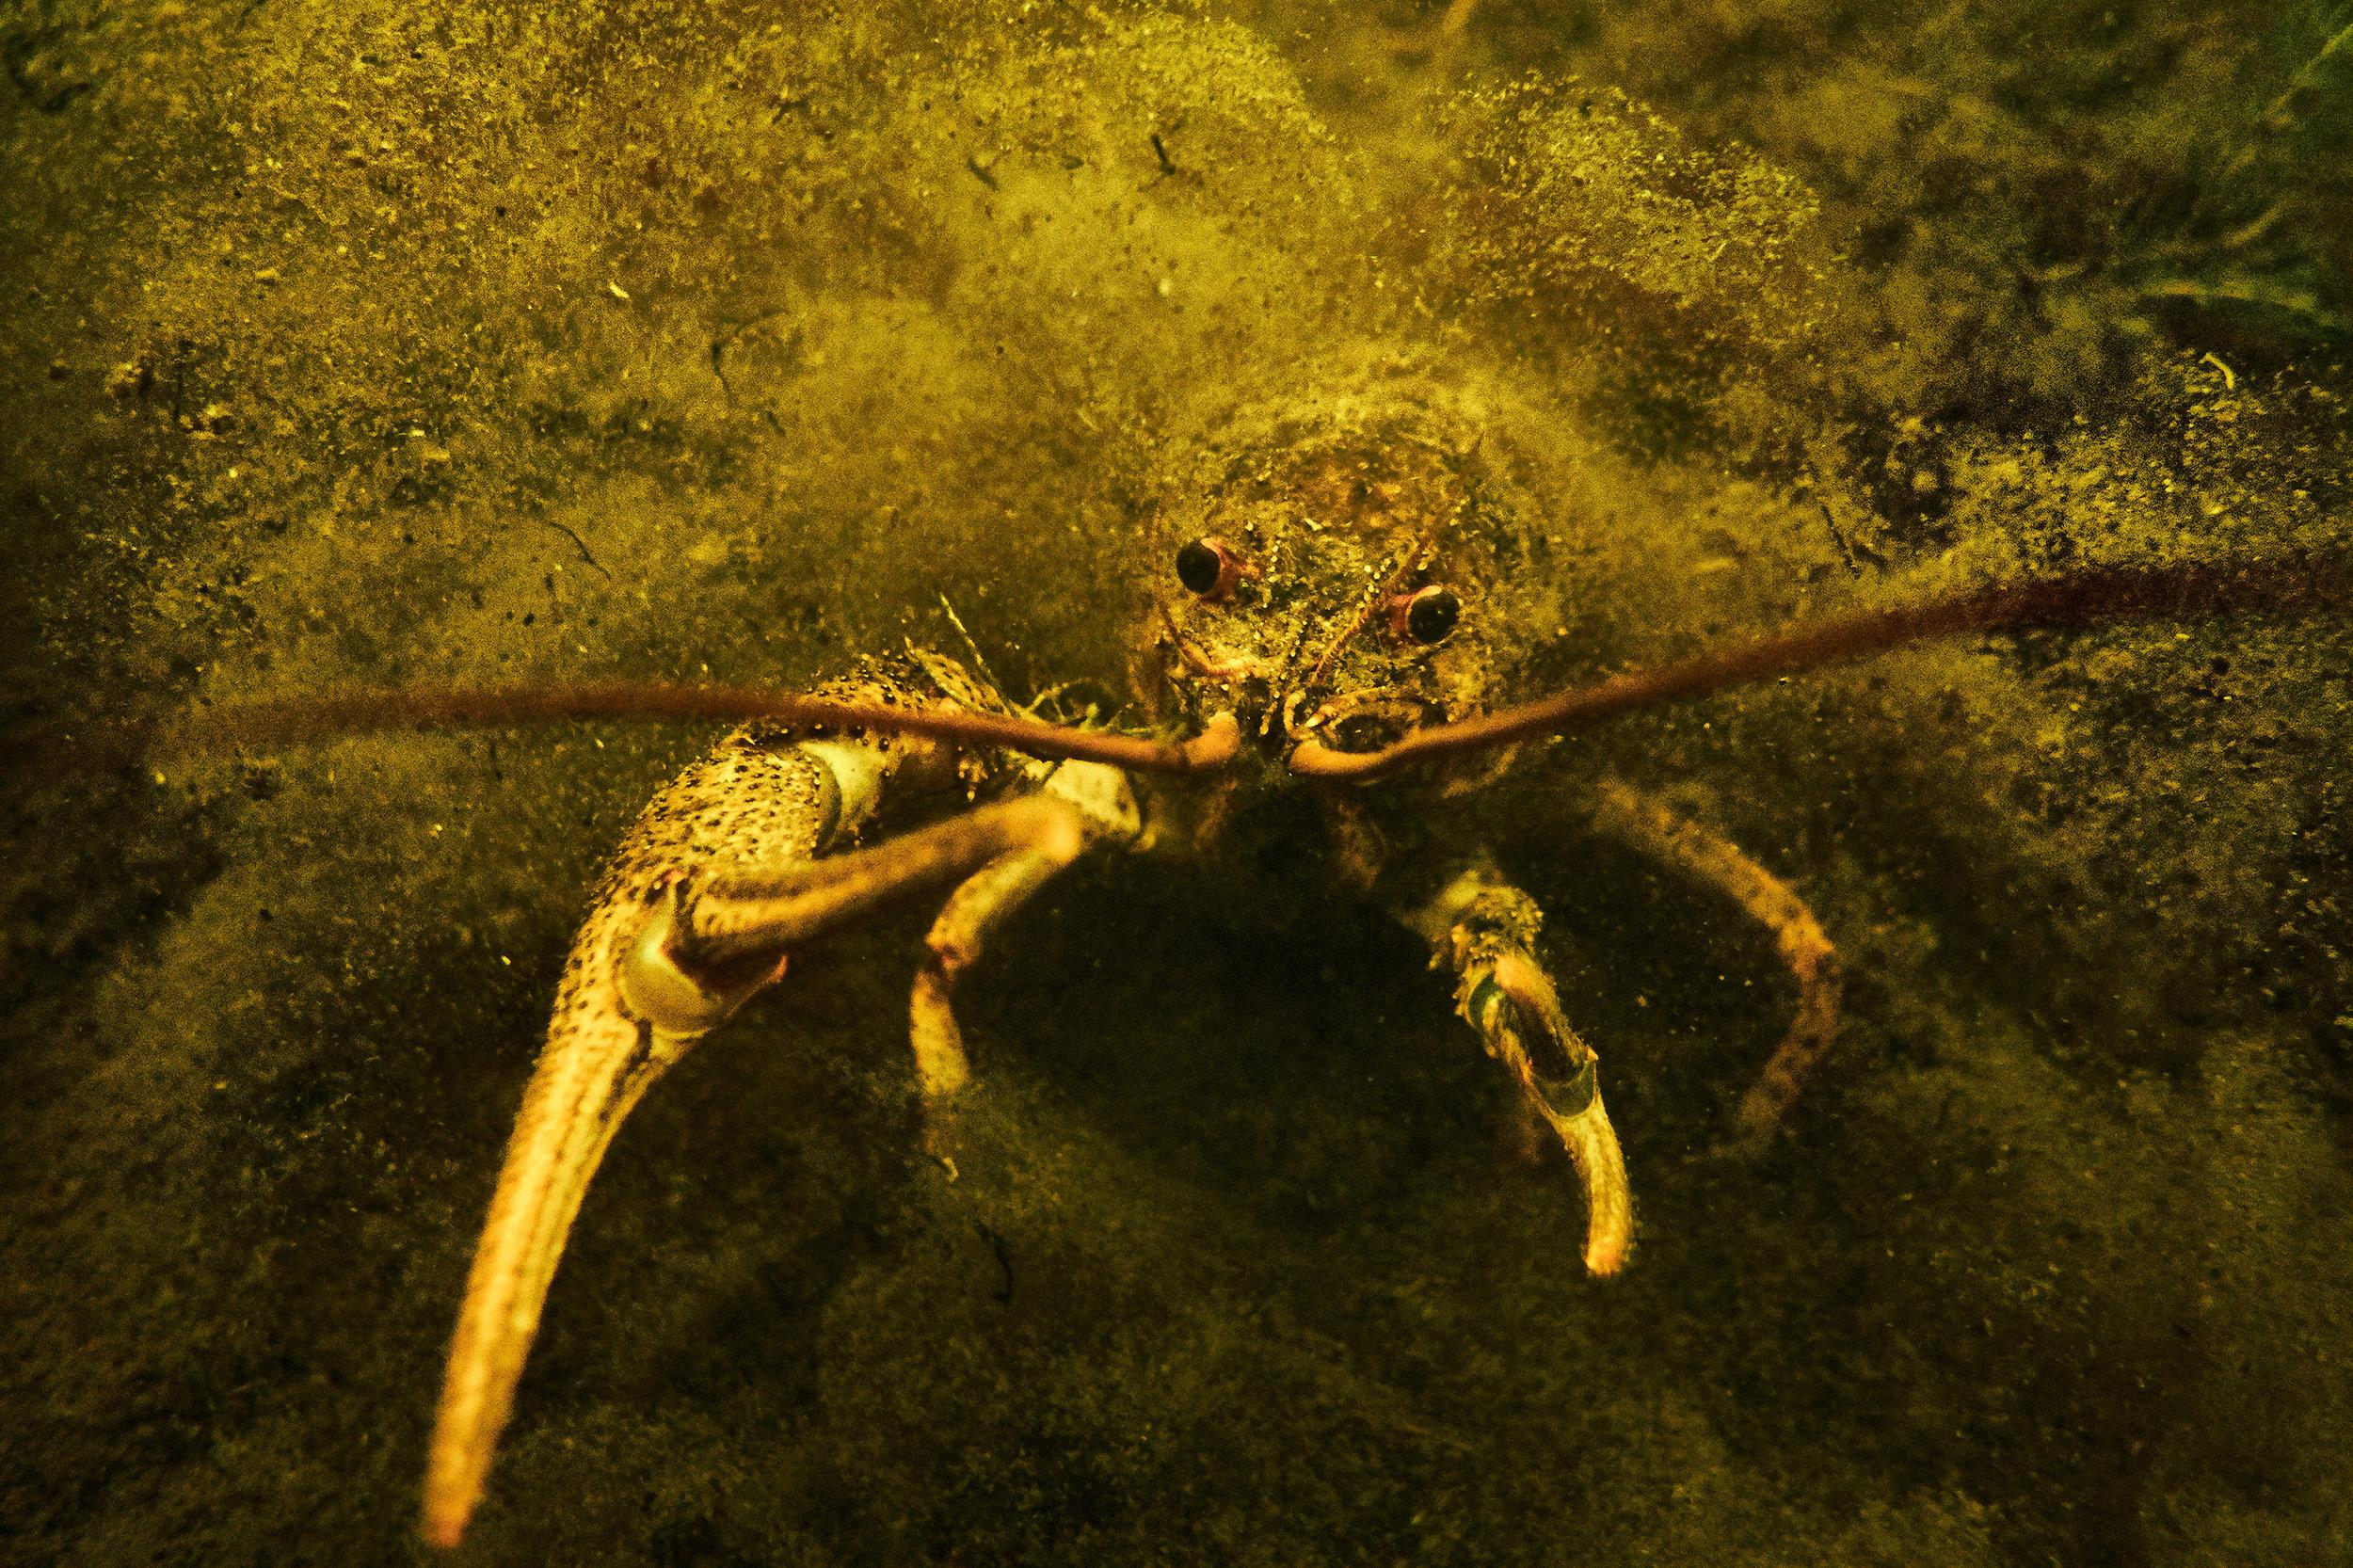 Crawfish-Braslav-lake-Belarus